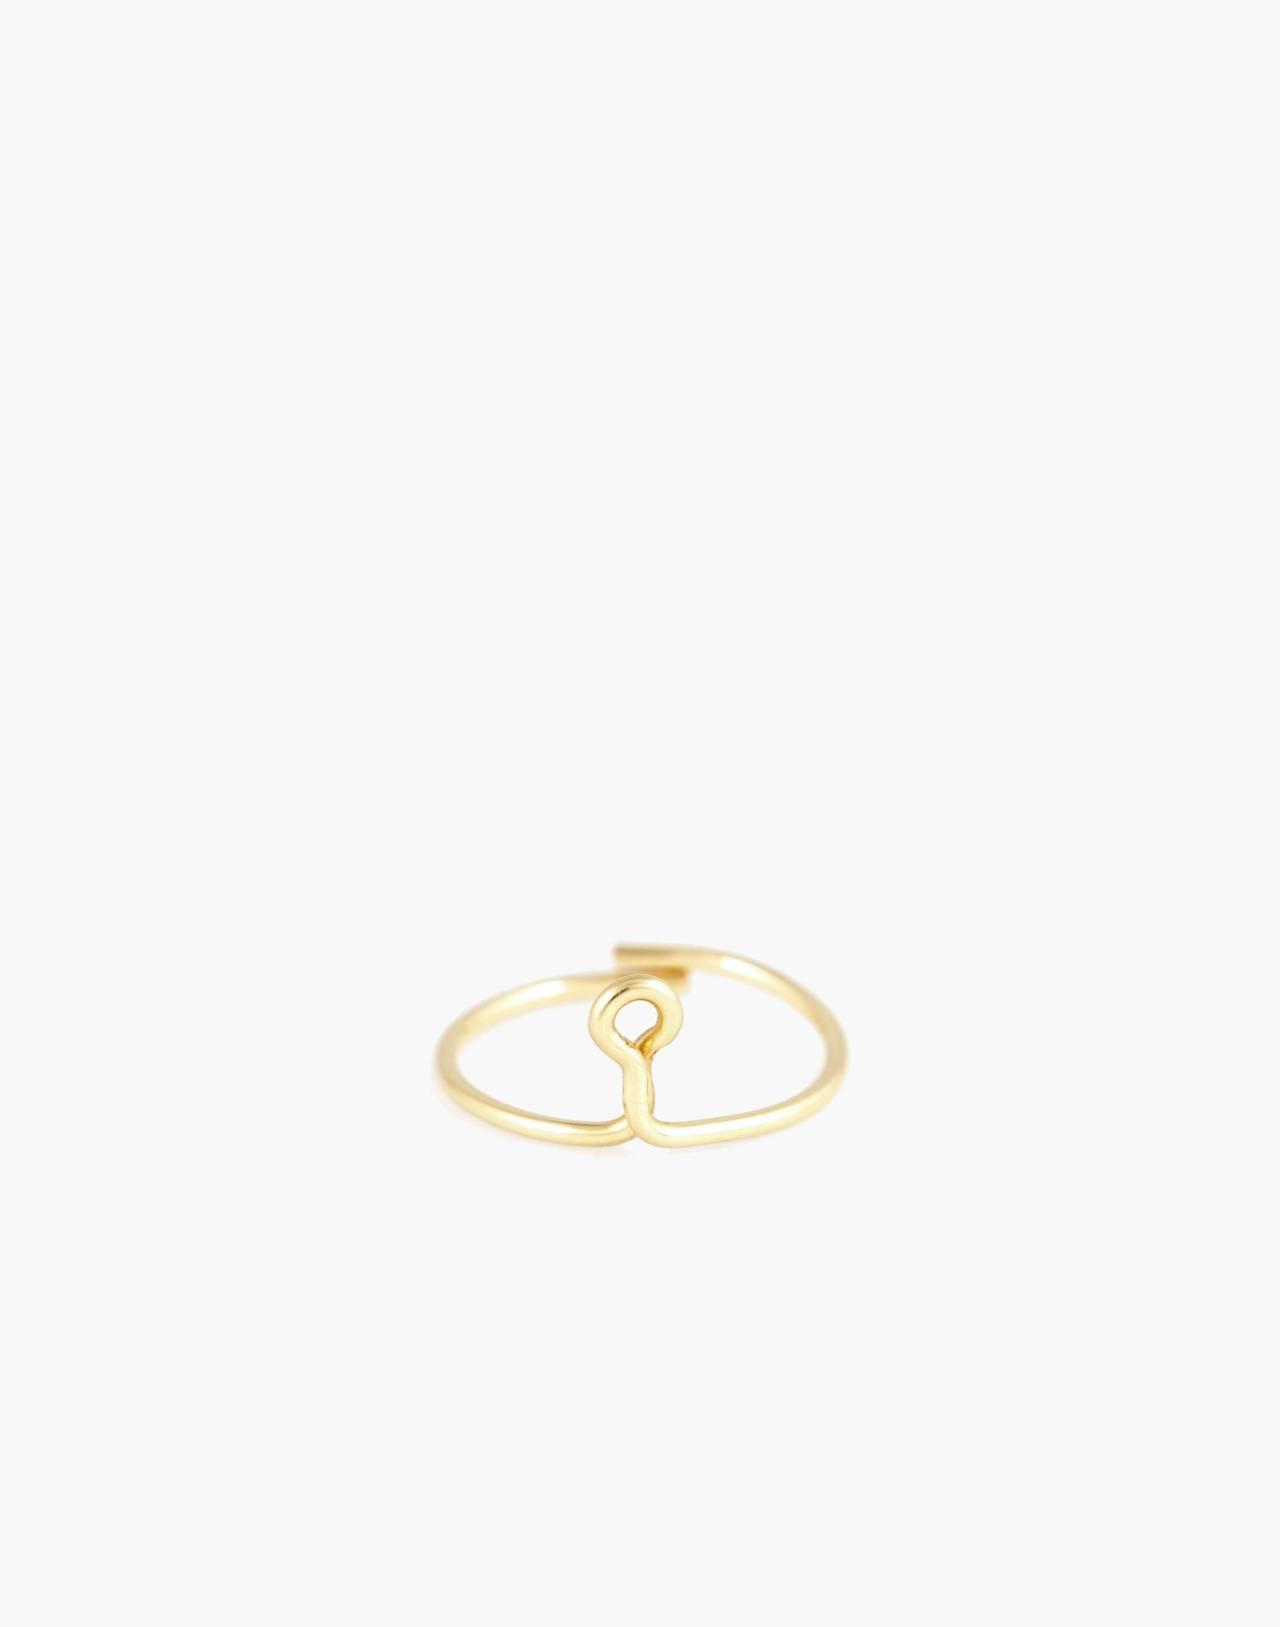 Atelier Paulin™ Poetic Letter Ring in letter i image 1